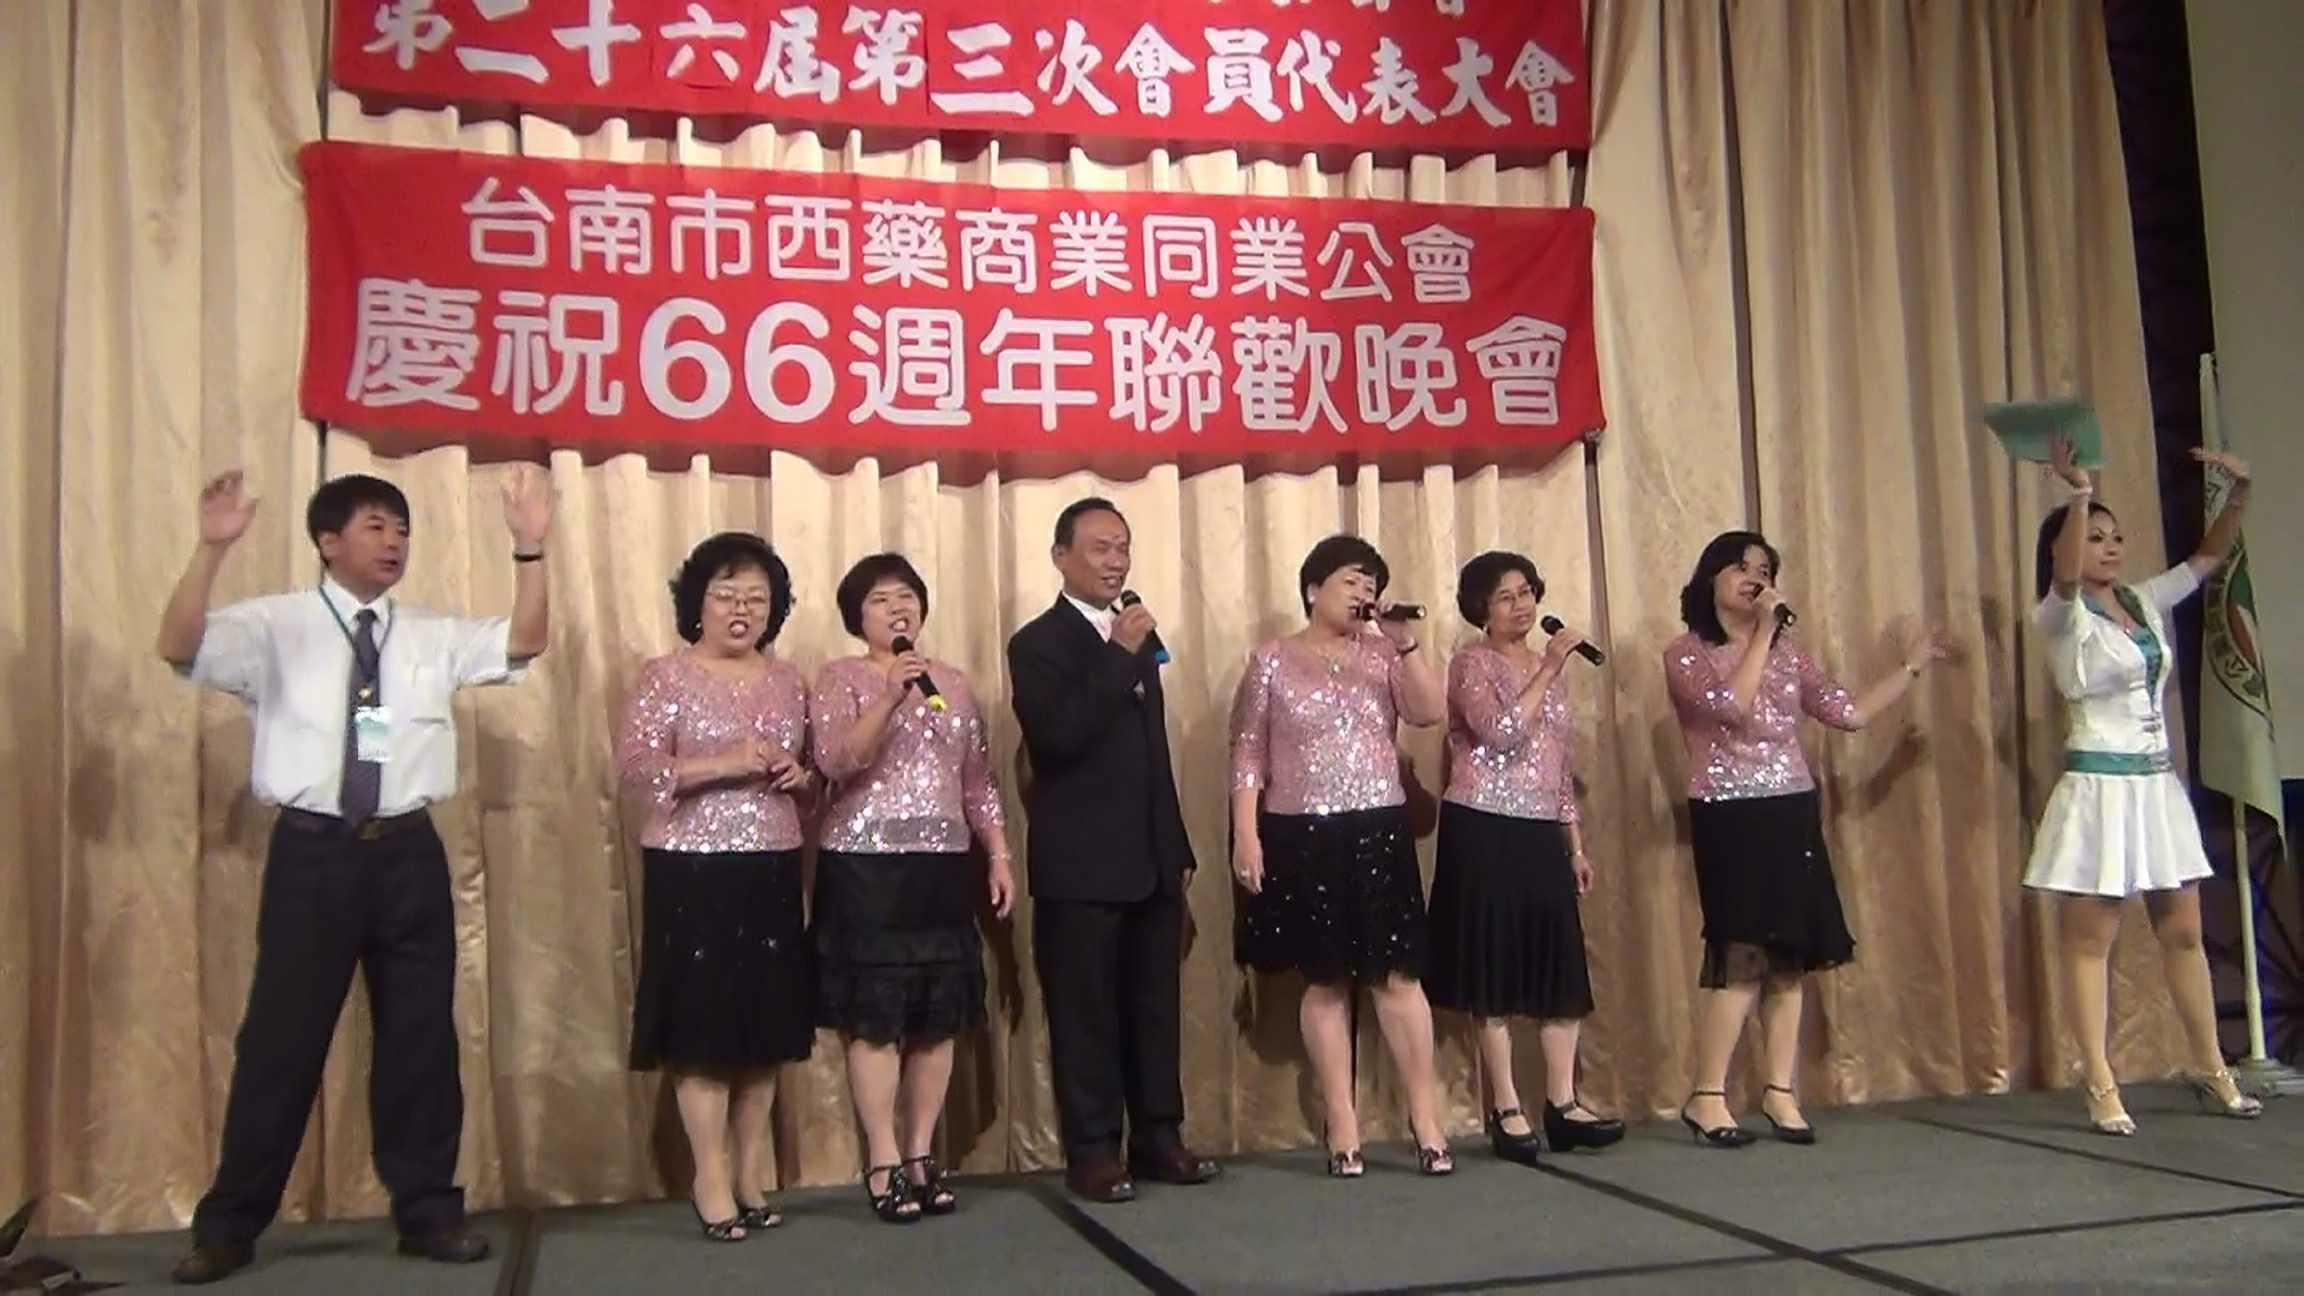 台南市西藥公會10